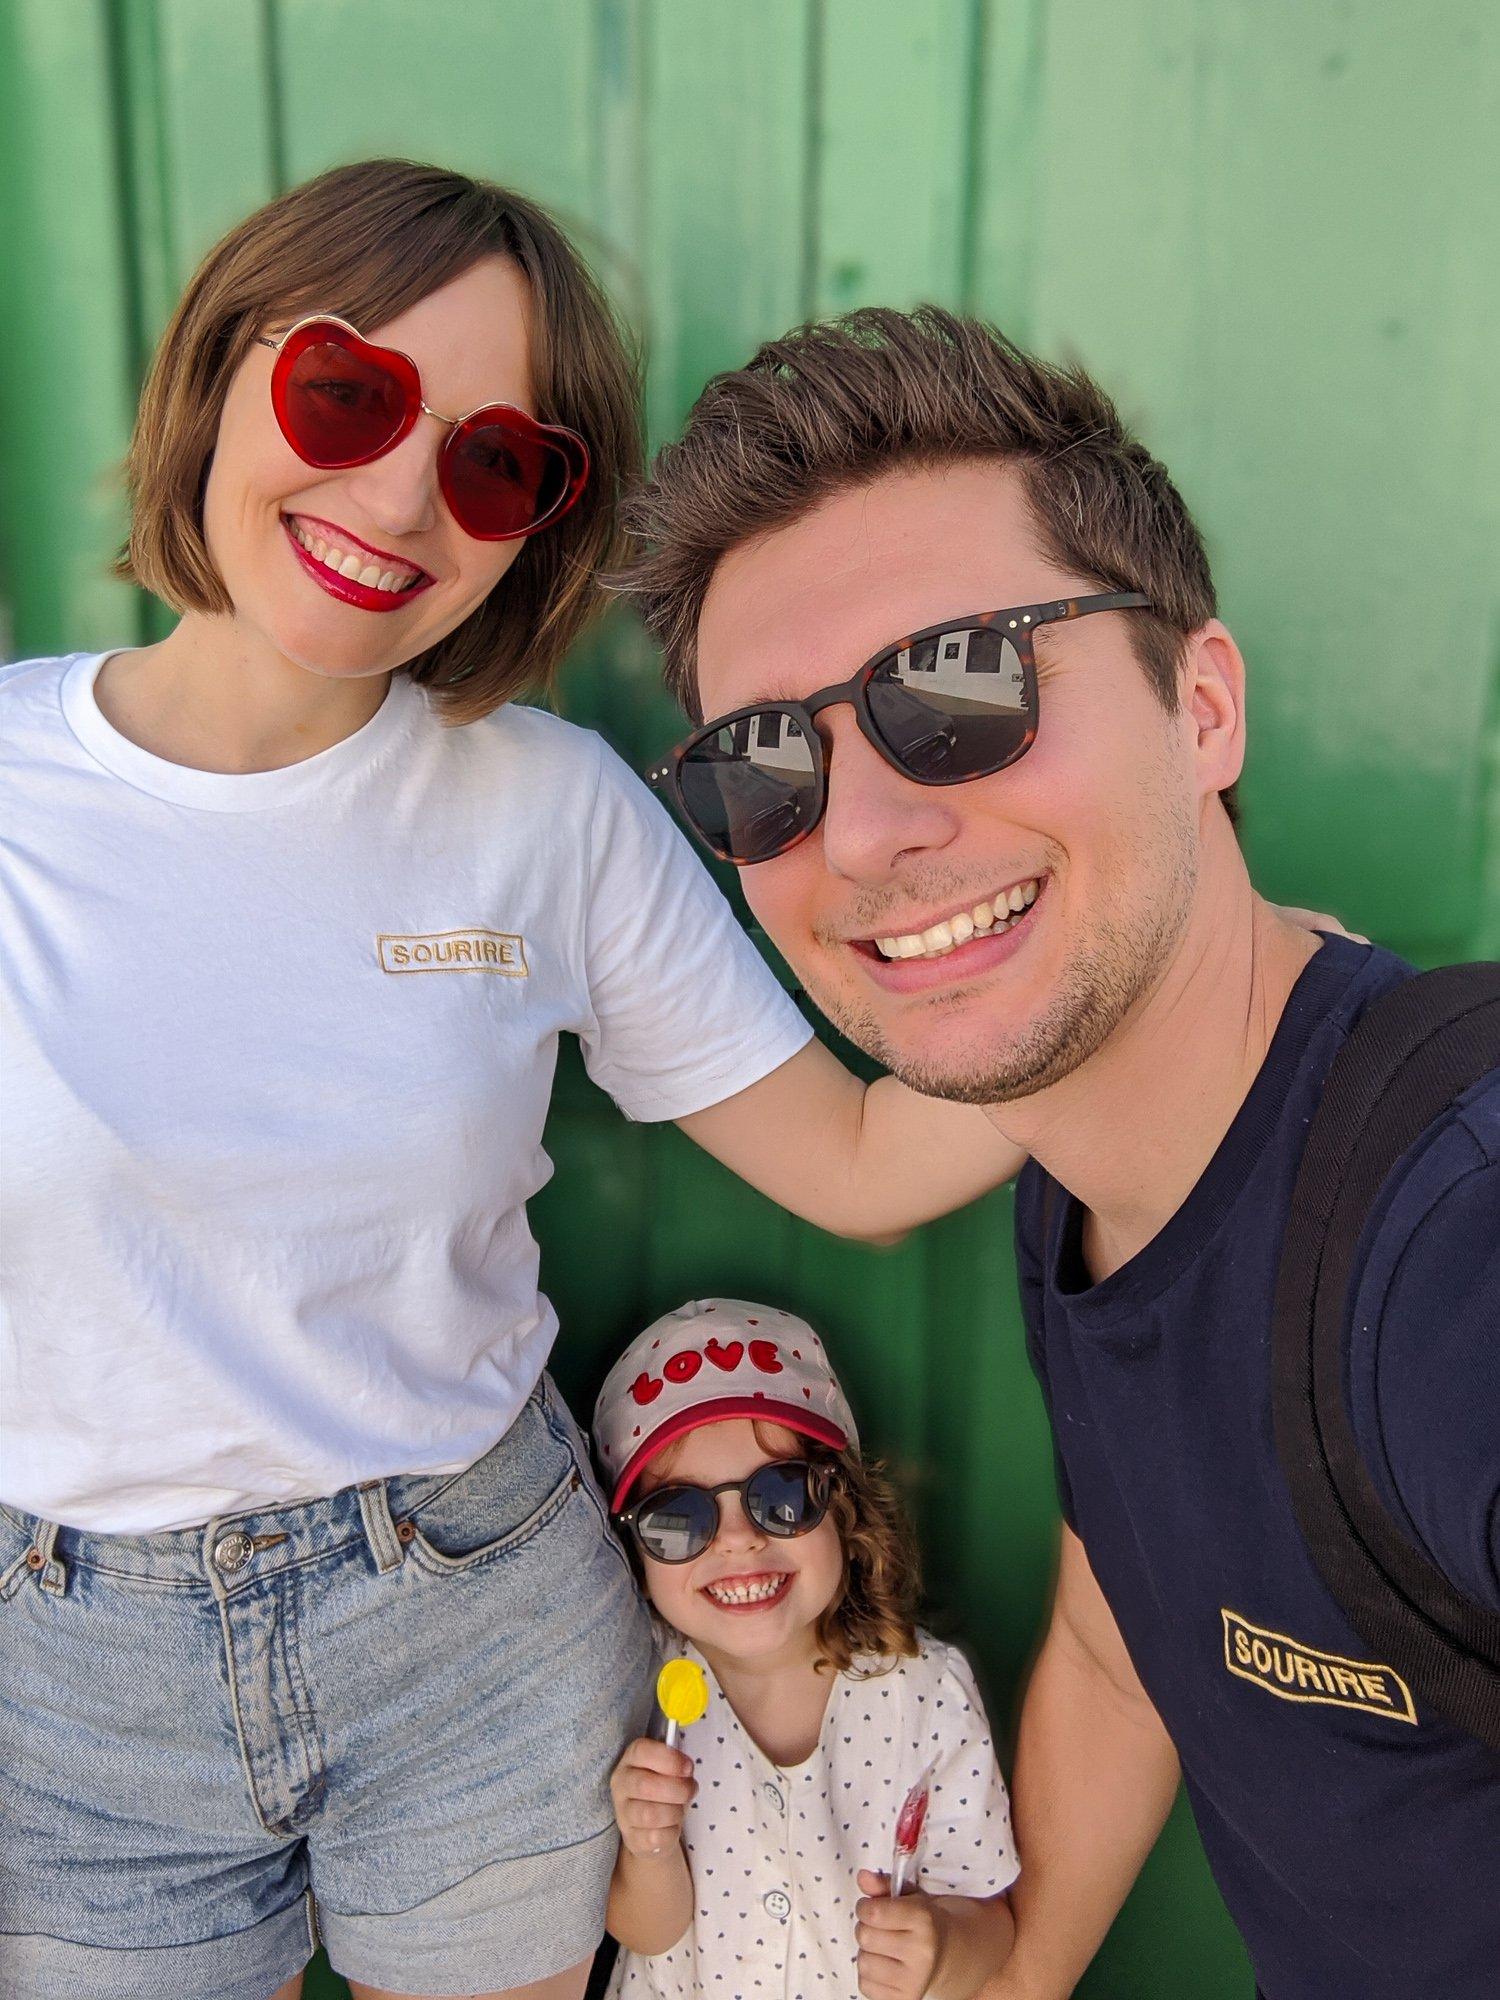 tshirt sourire en famille / risette and co